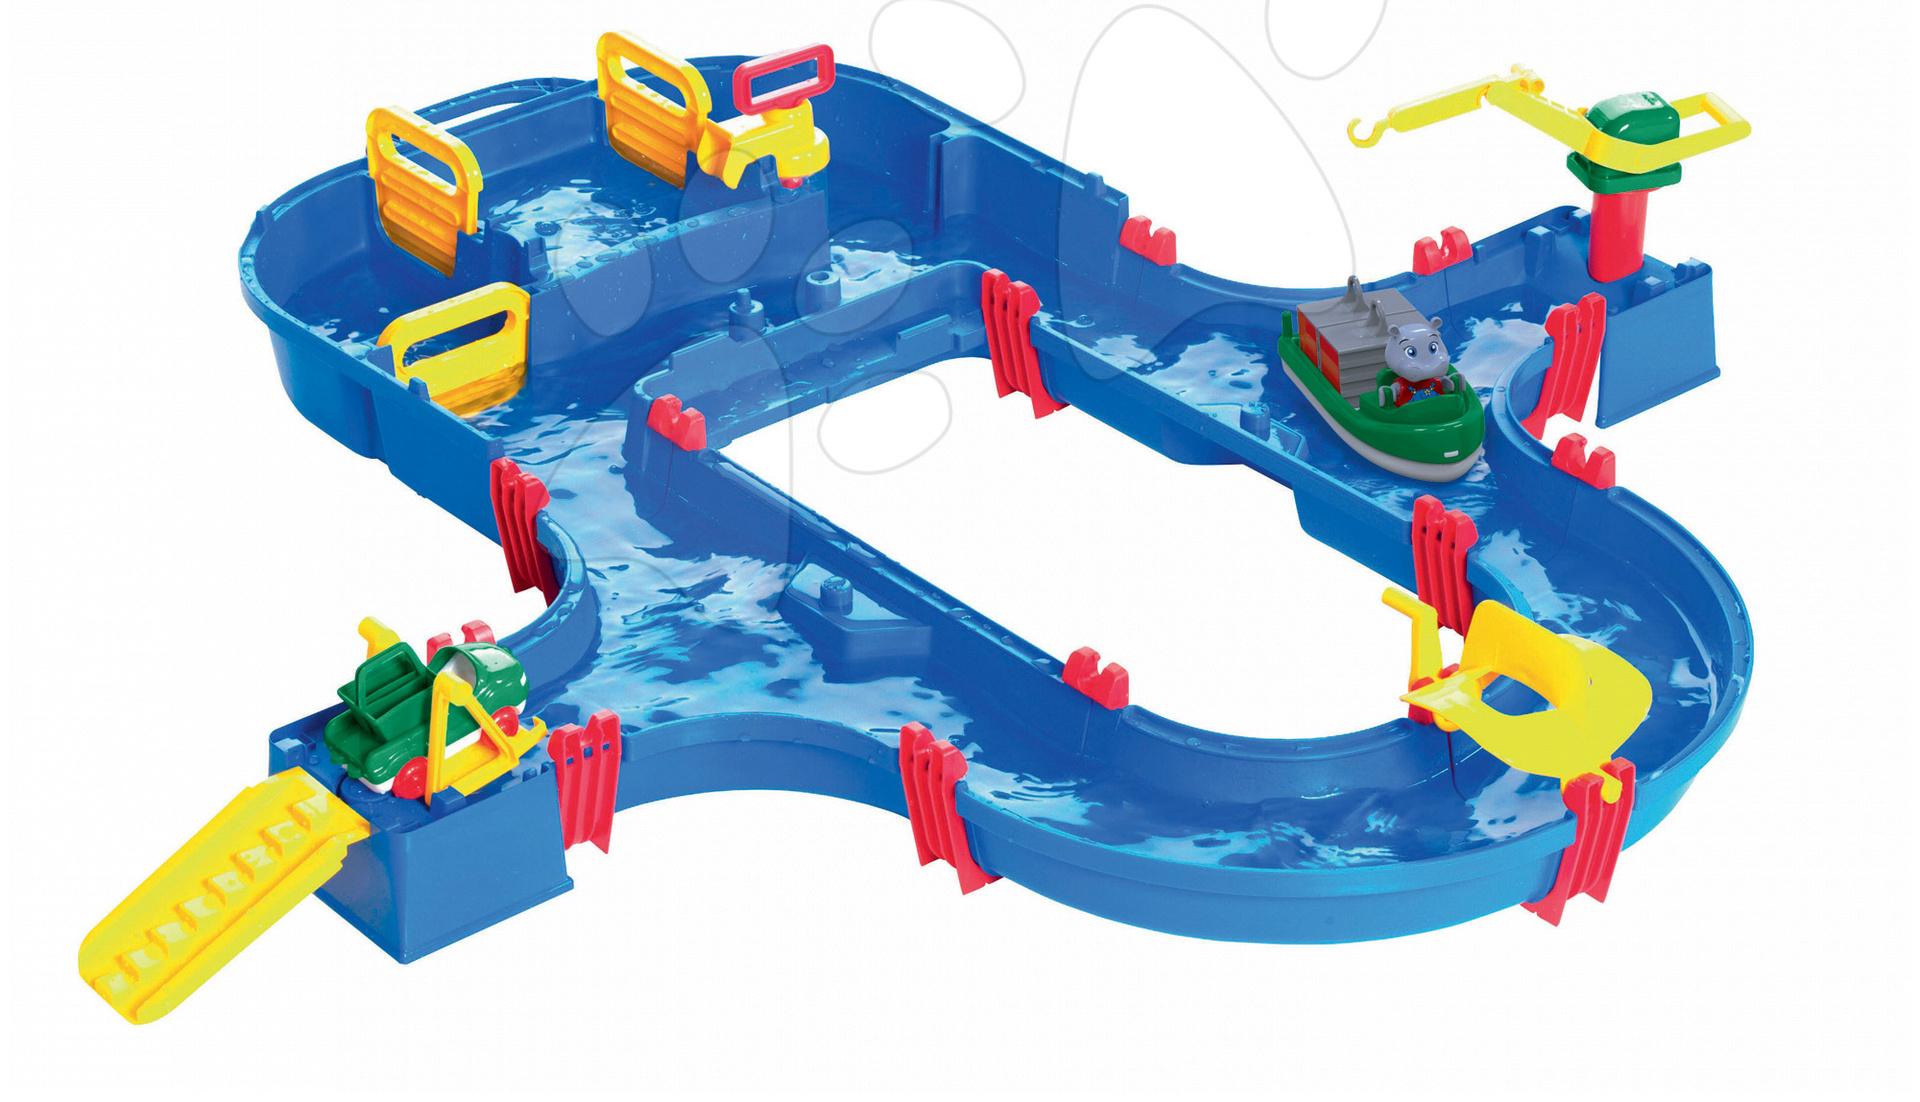 Vodní dráha SuperSet AquaPlay s hrošíkem Wilma a přehradou s vodní pumpou